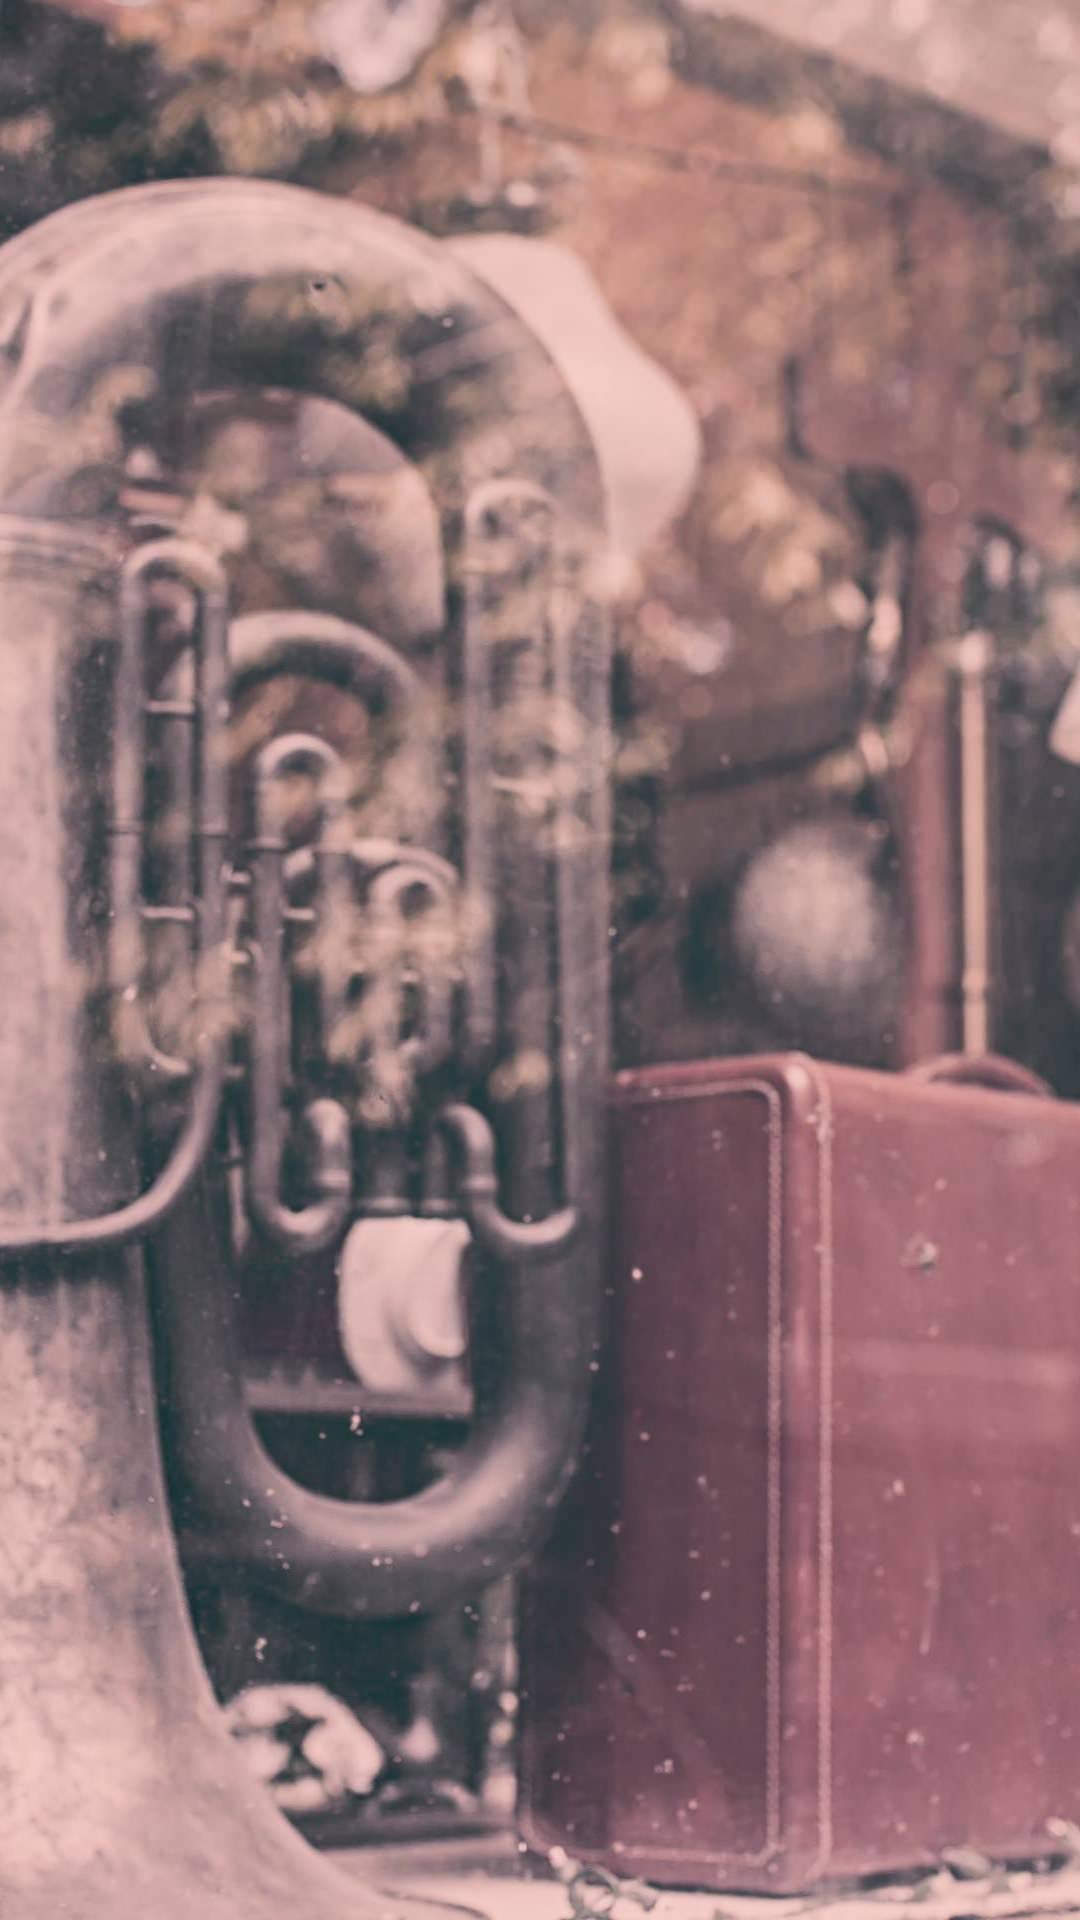 楽器 Wallpaper Sc スマホ壁紙